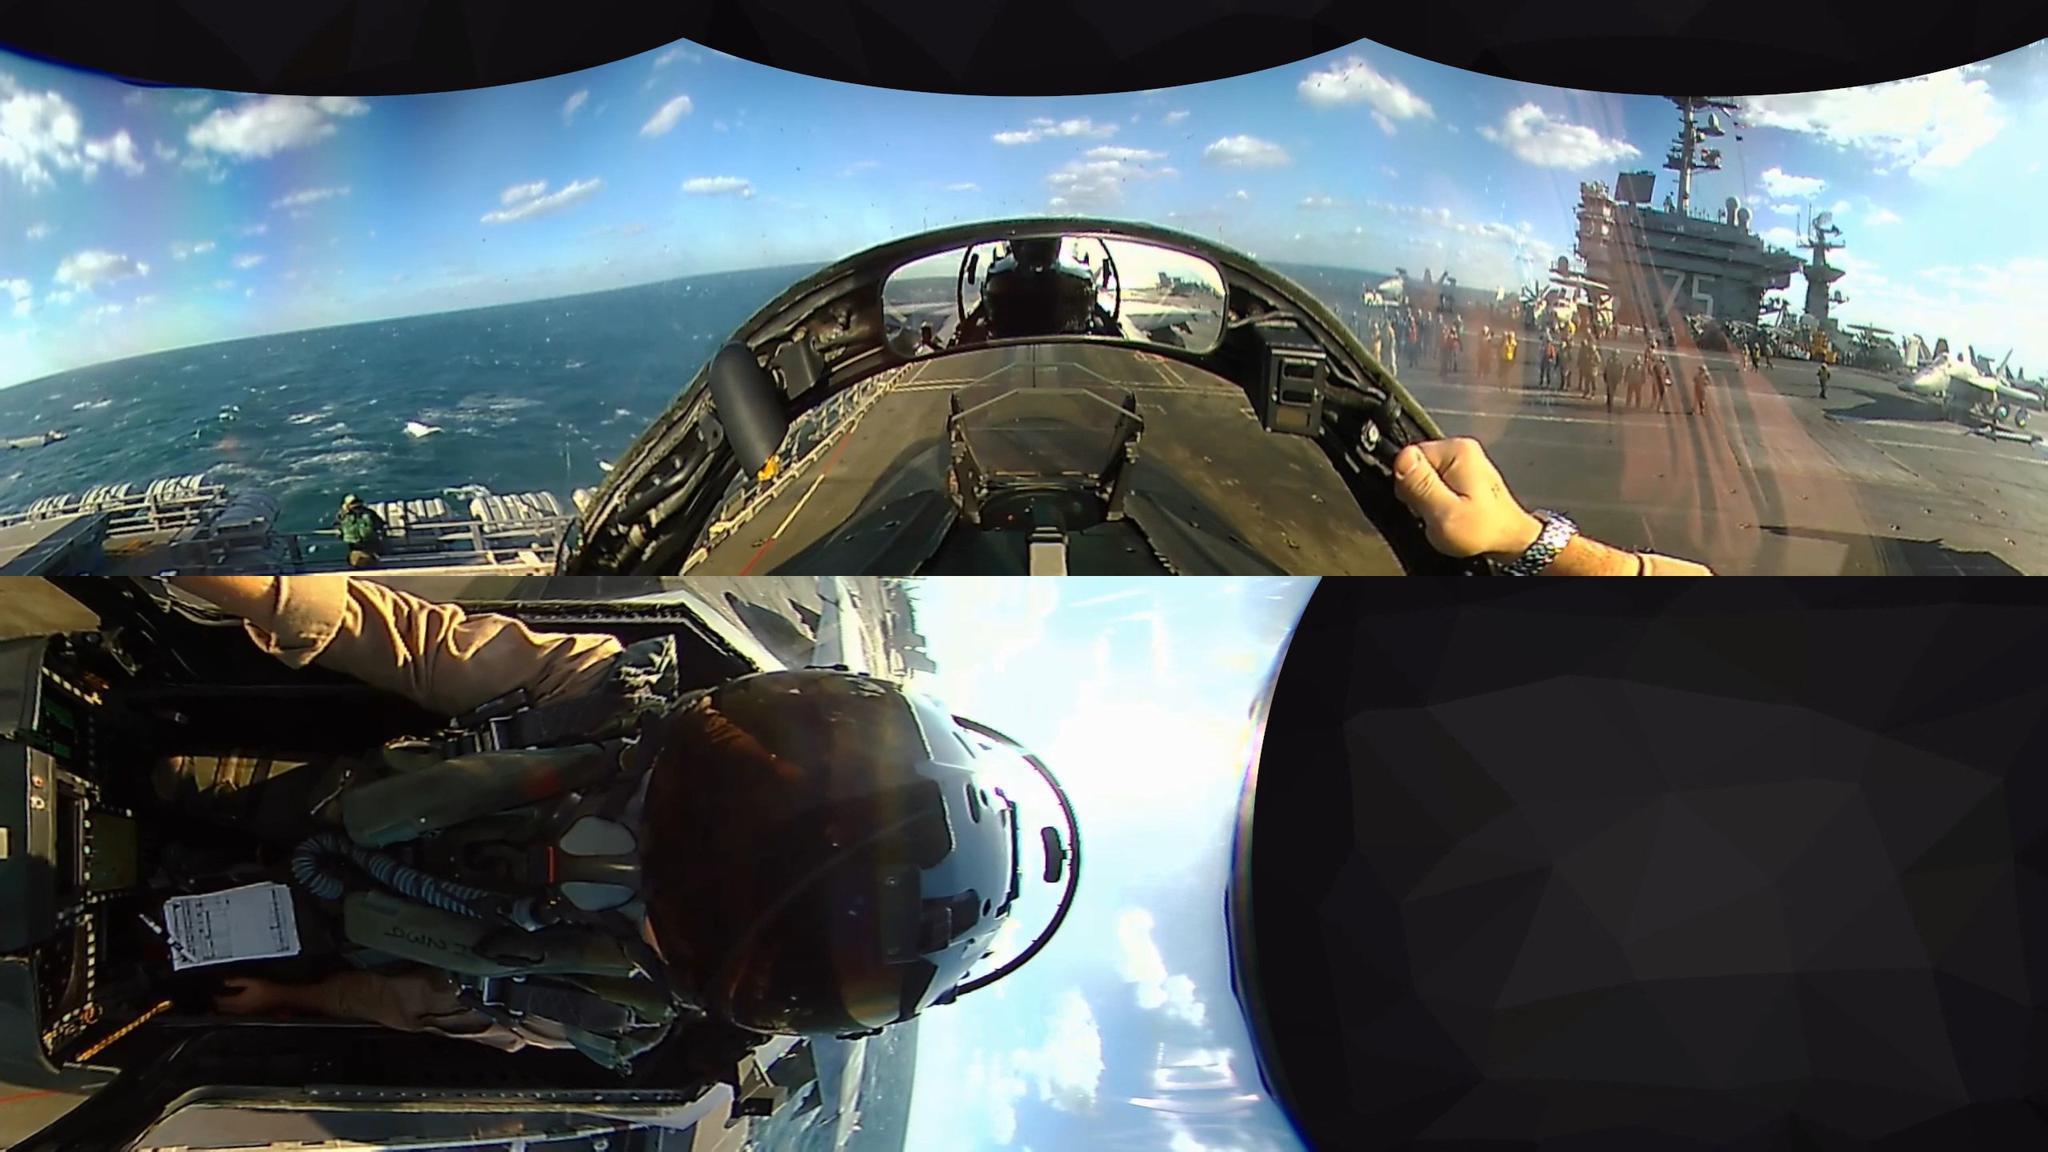 三百六十度全景,看美军F-18大黄蜂舰载机,从航母上弹射起飞!